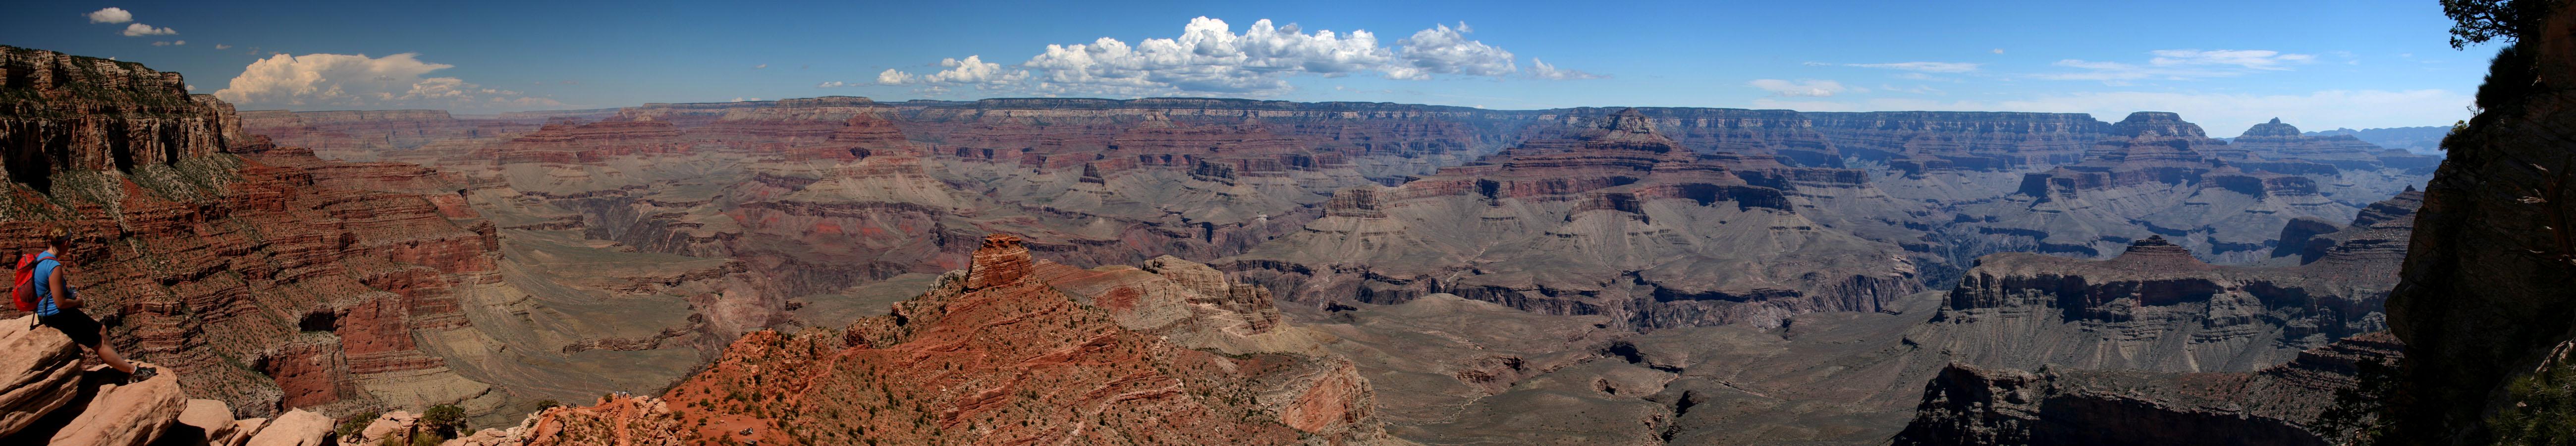 grand_canyon_pano_2_rez